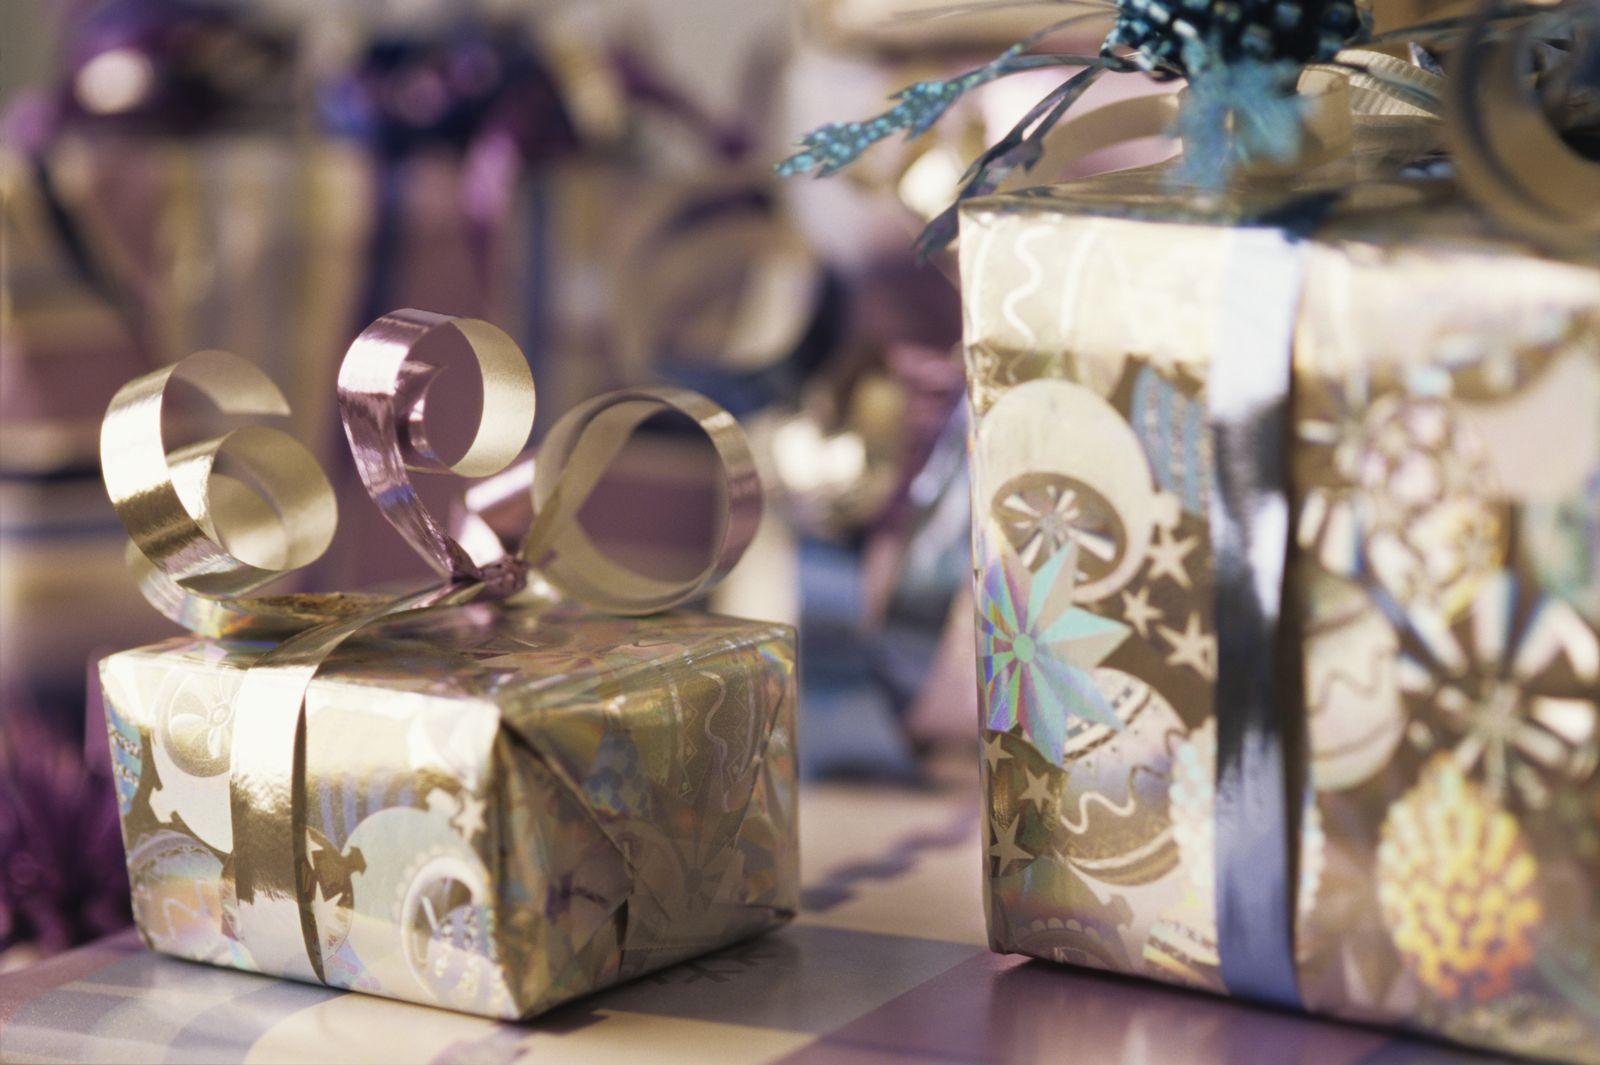 NICHT MEHR VERWENDEN! - Geschenk / Weihnachstgeschenke